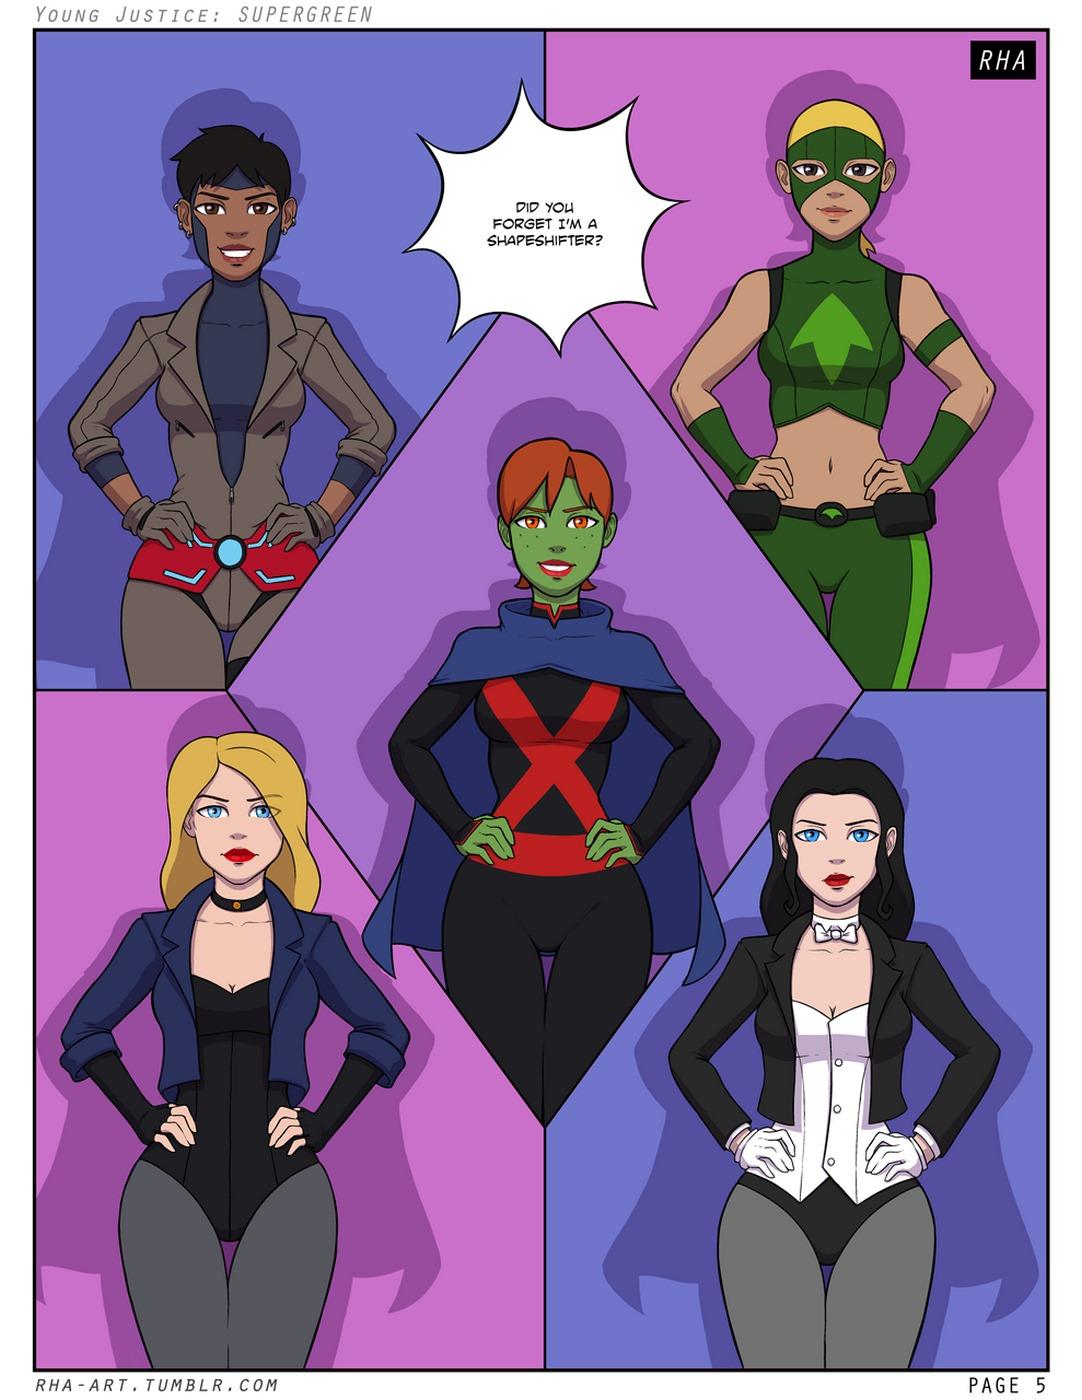 Porn Comics - Young Justice Supergreen porn comics 8 muses